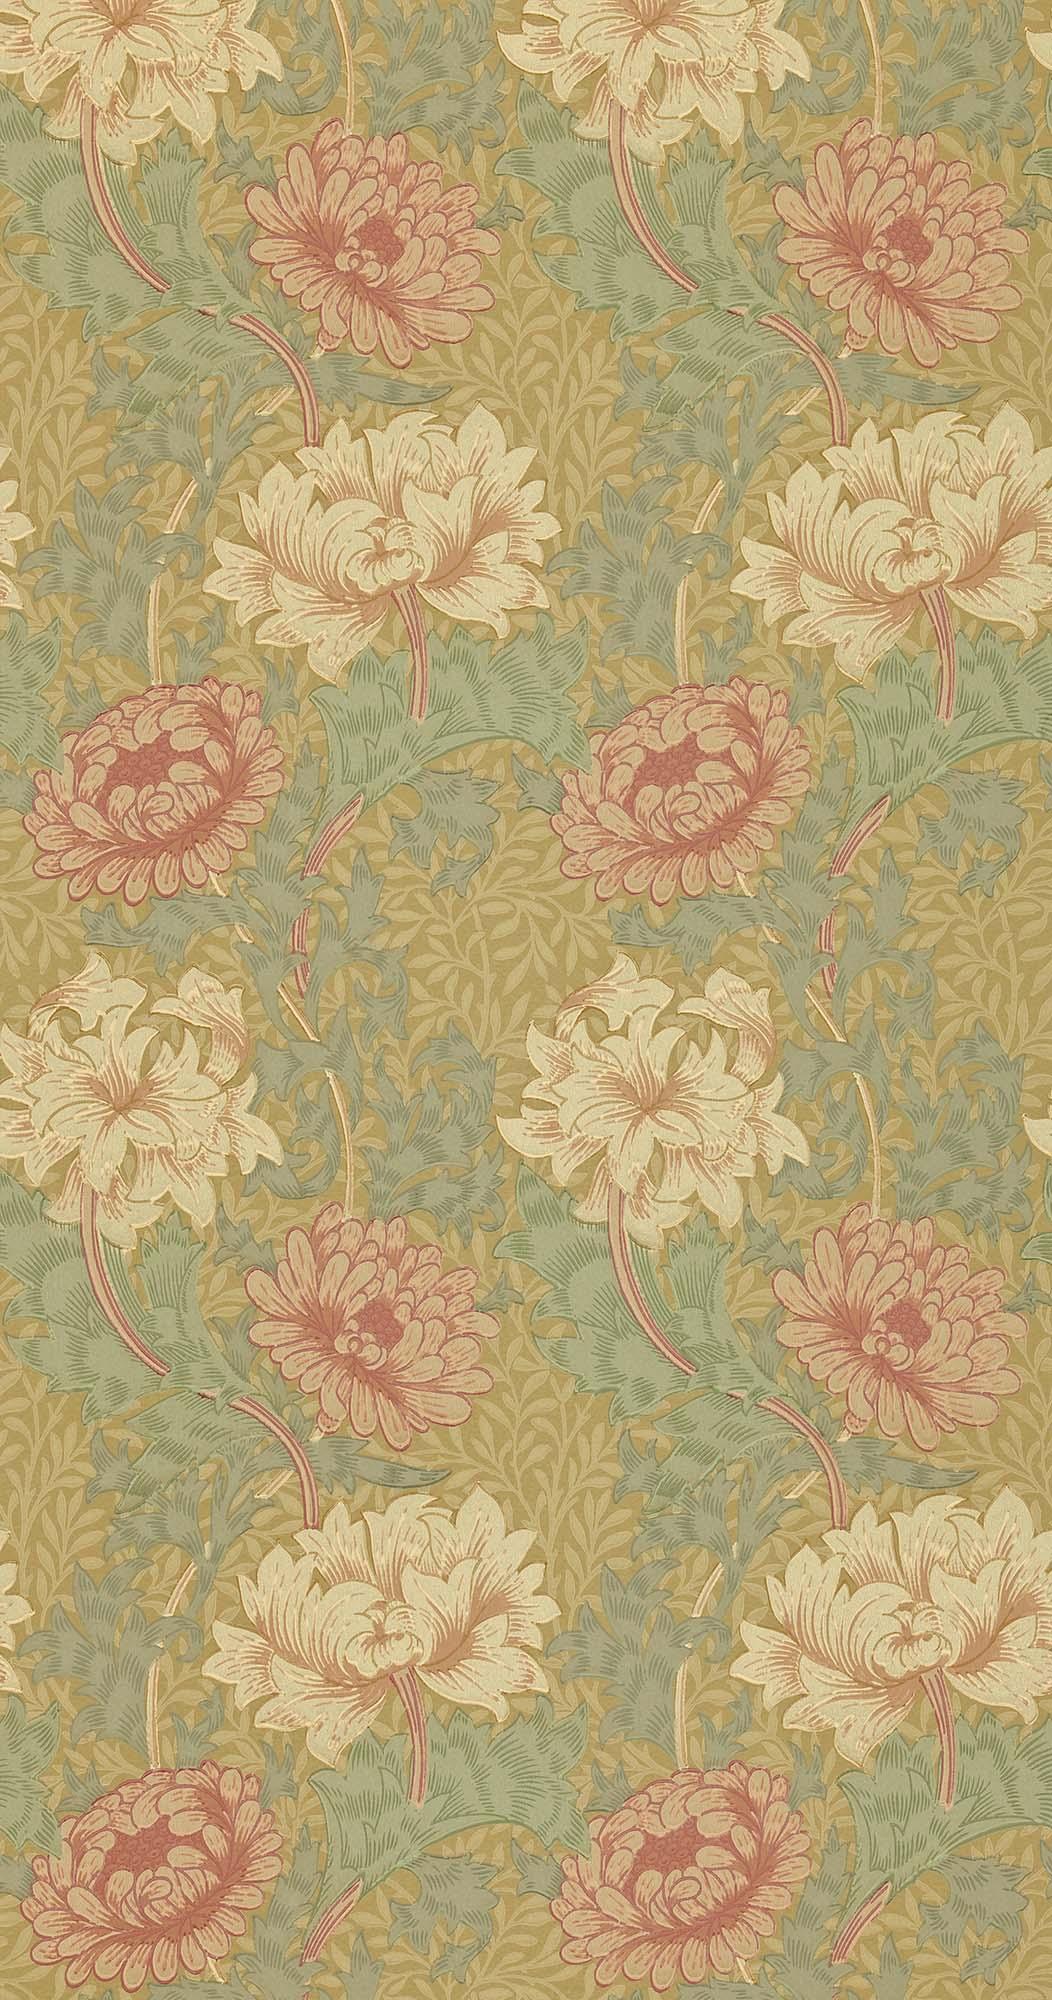 ウィリアムモリス壁紙 Chrysanthemum WM-7612-3